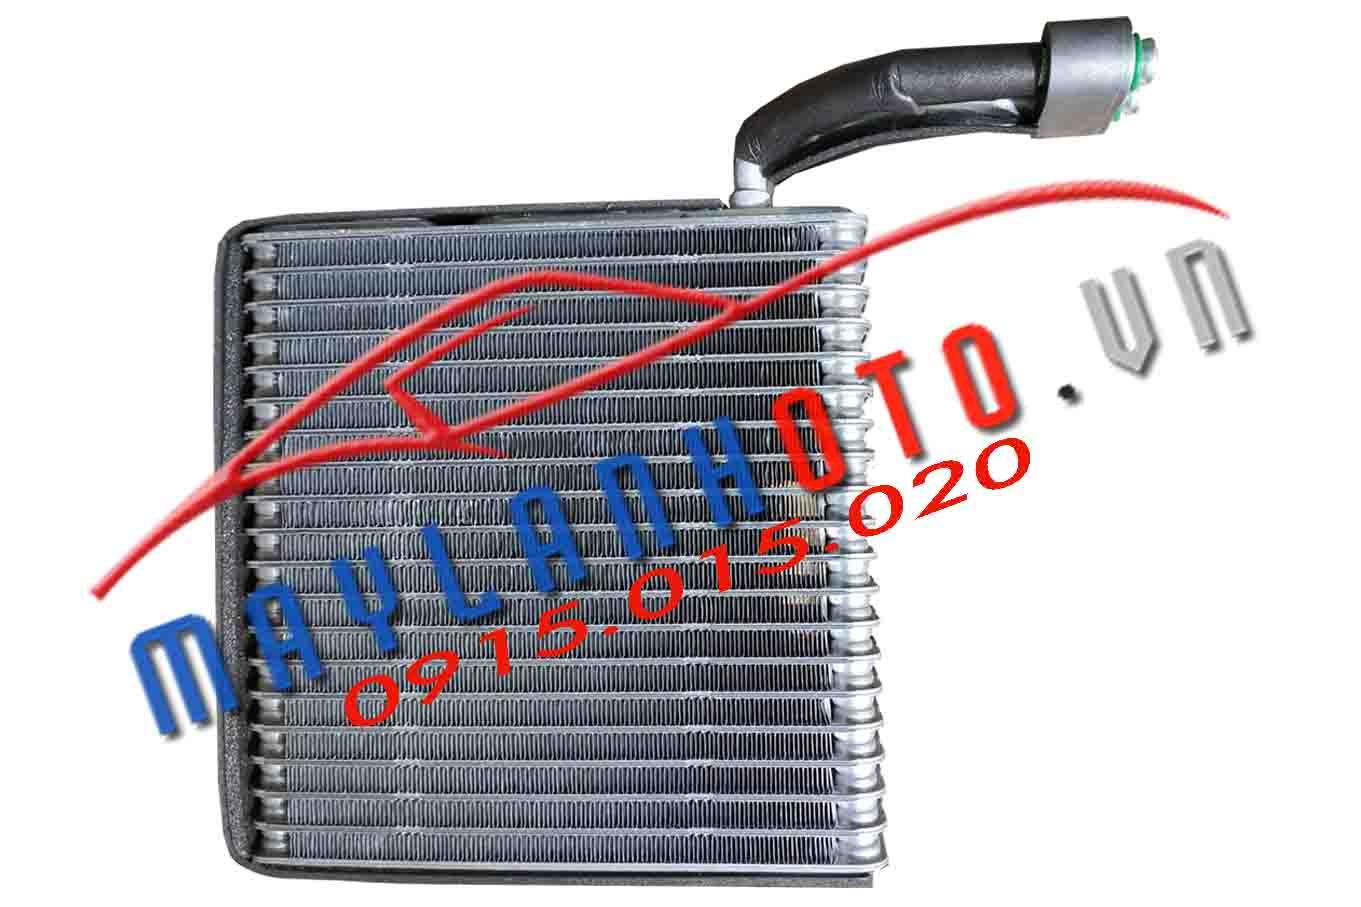 Hyundai Porter 2 1,25T 06-14 / Dàn lạnh Hyundai Porter 2 1,25 tấn 2006-2014 / Giàn lạnh Hyundai Porter 2 1,25 tấn 2006-2014